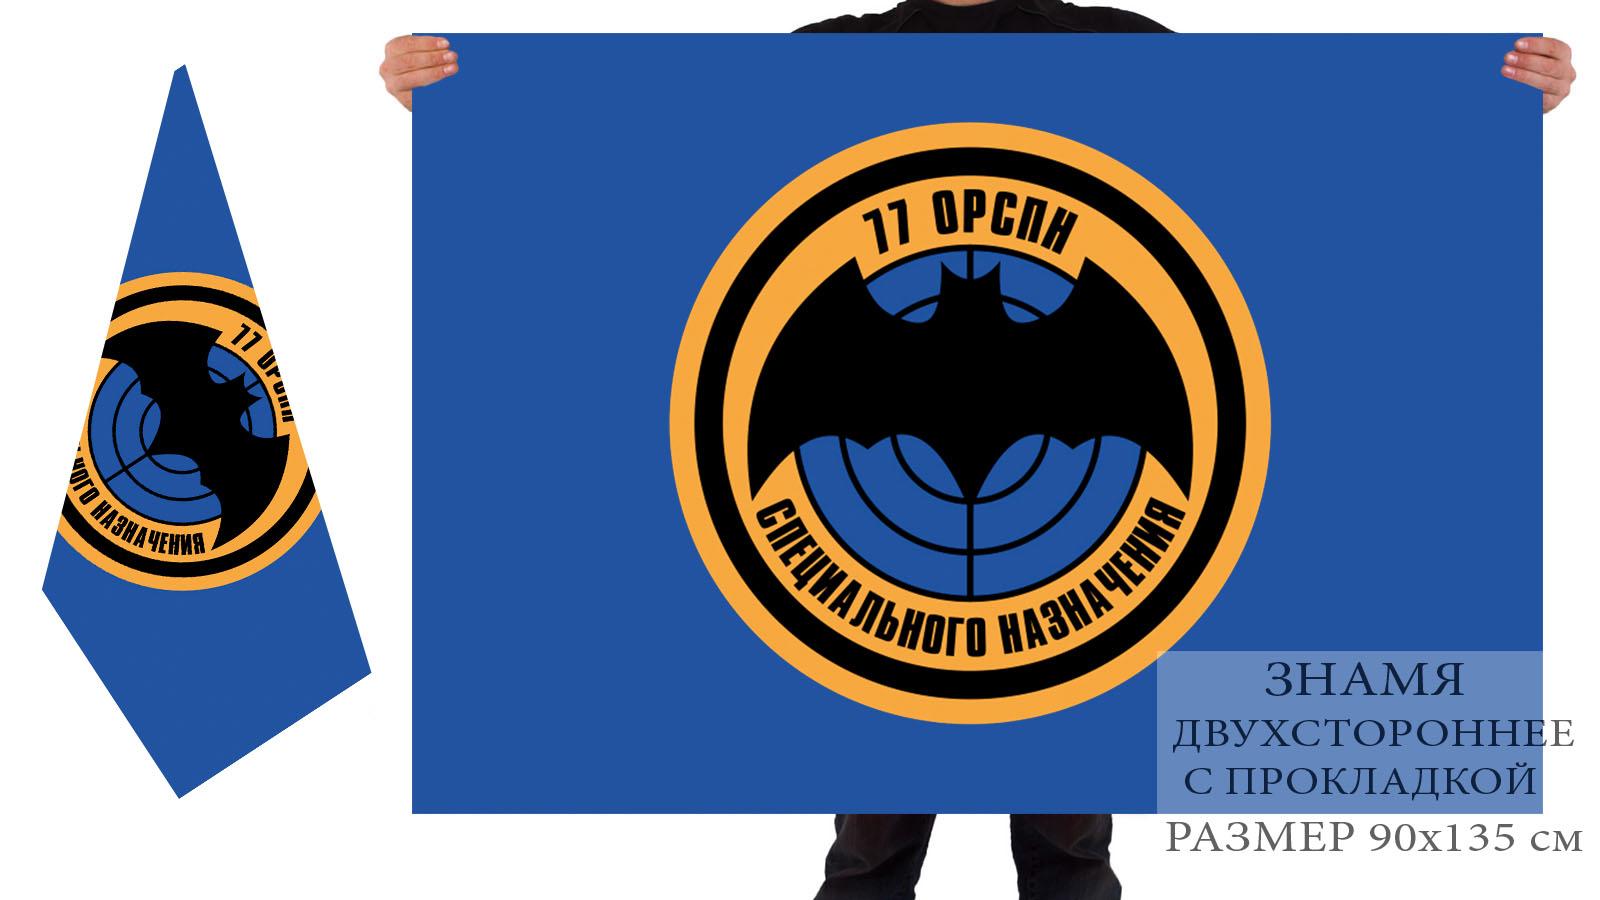 Двусторонний флаг 77 ОРСпН спецназа ГРУ